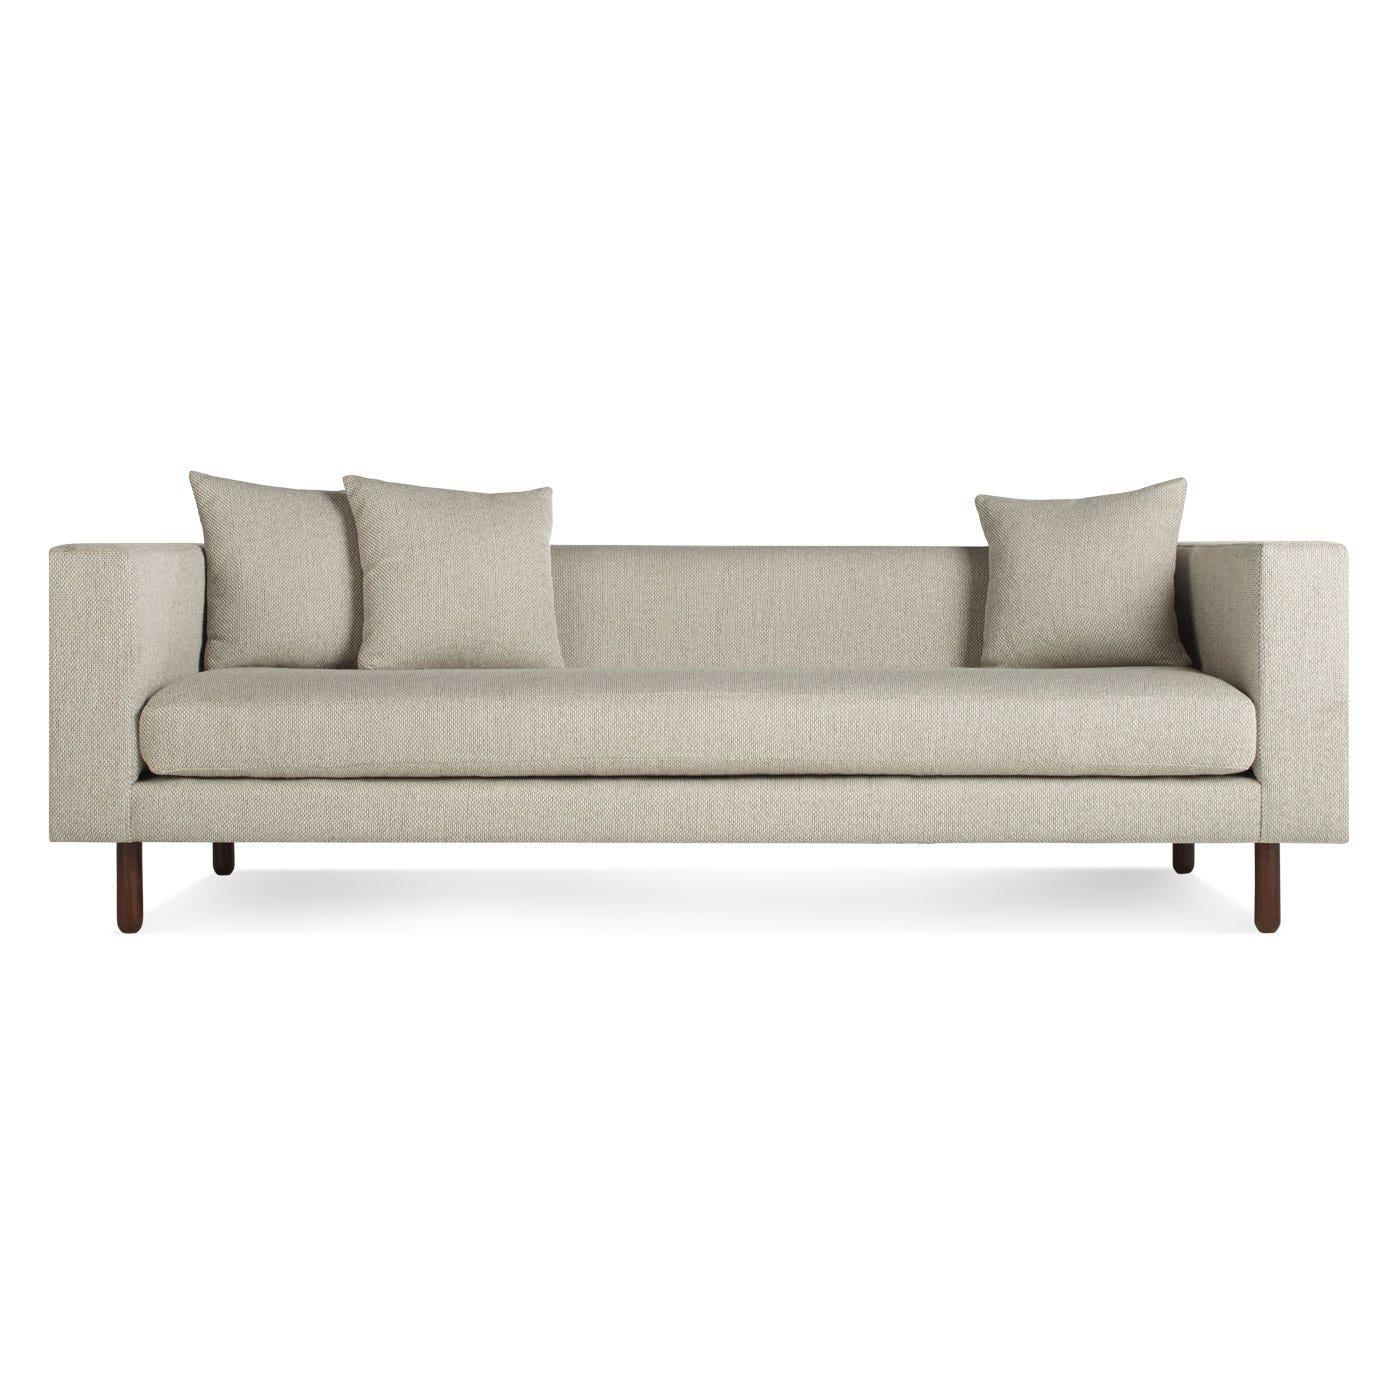 Mono Sofa Single Cushion Sofa